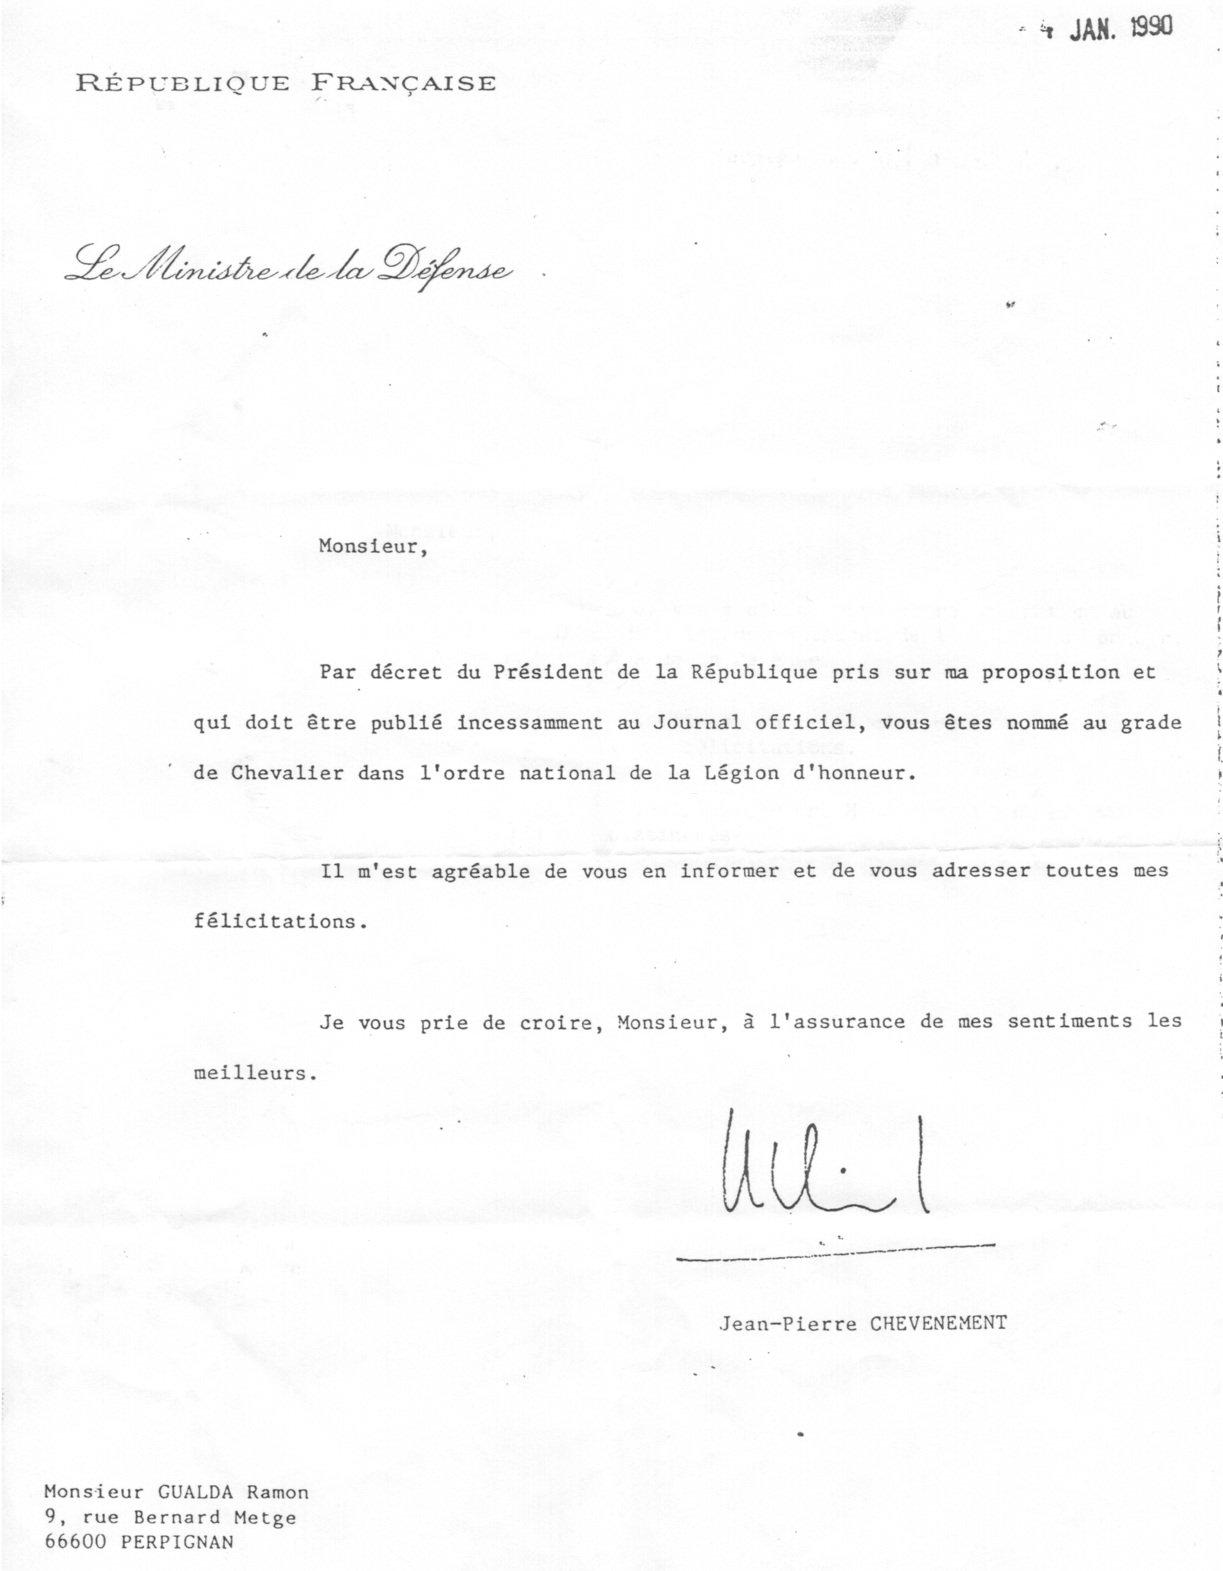 Carta del ministro de Defensa francés comunicándole la distinción de Caballero de la Legión de Honor.